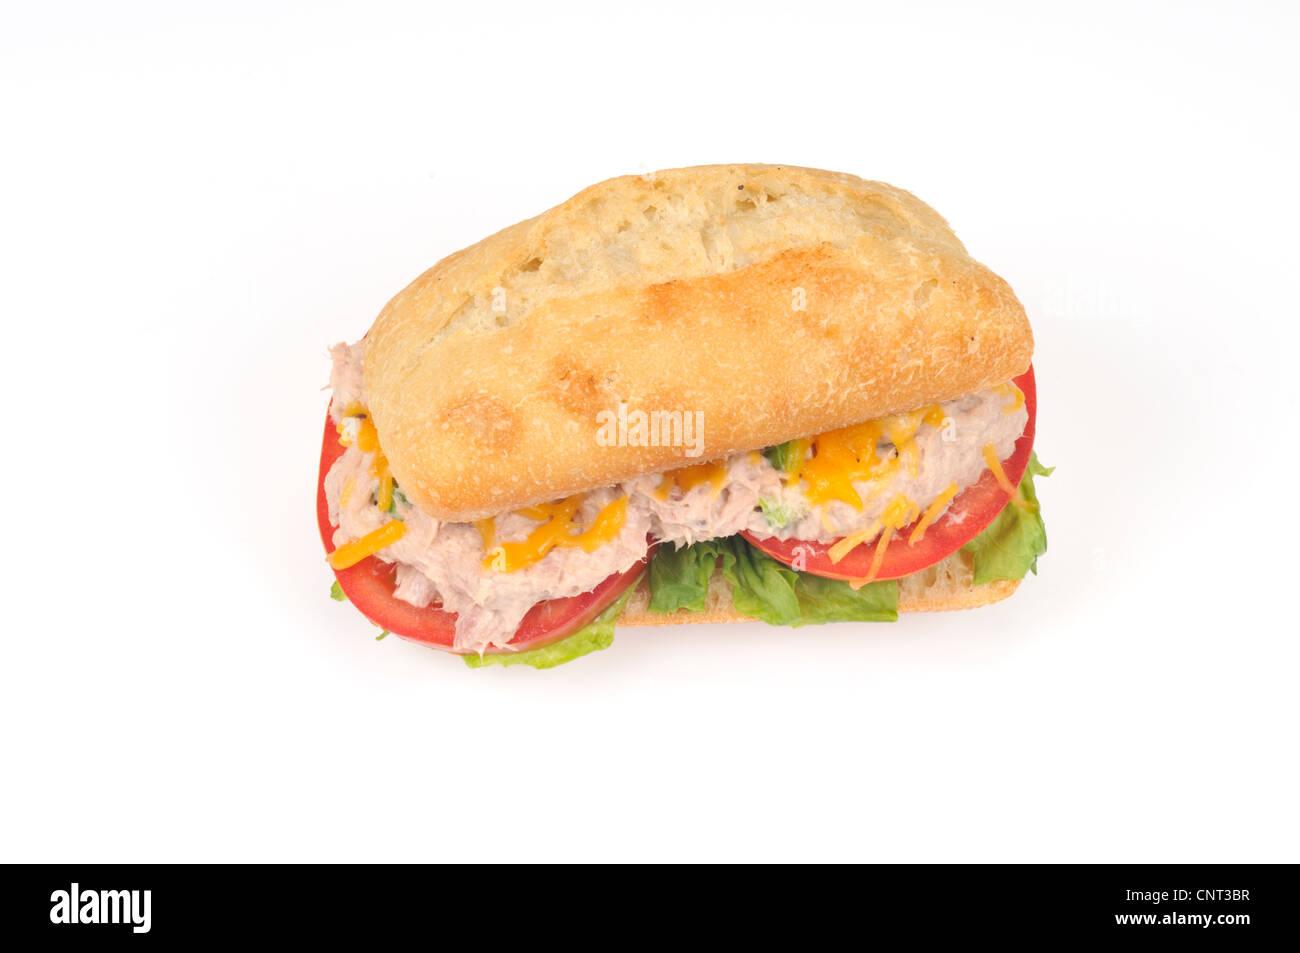 Faire fondre sur un sandwich au thon rouleaux ciabatta Banque D'Images